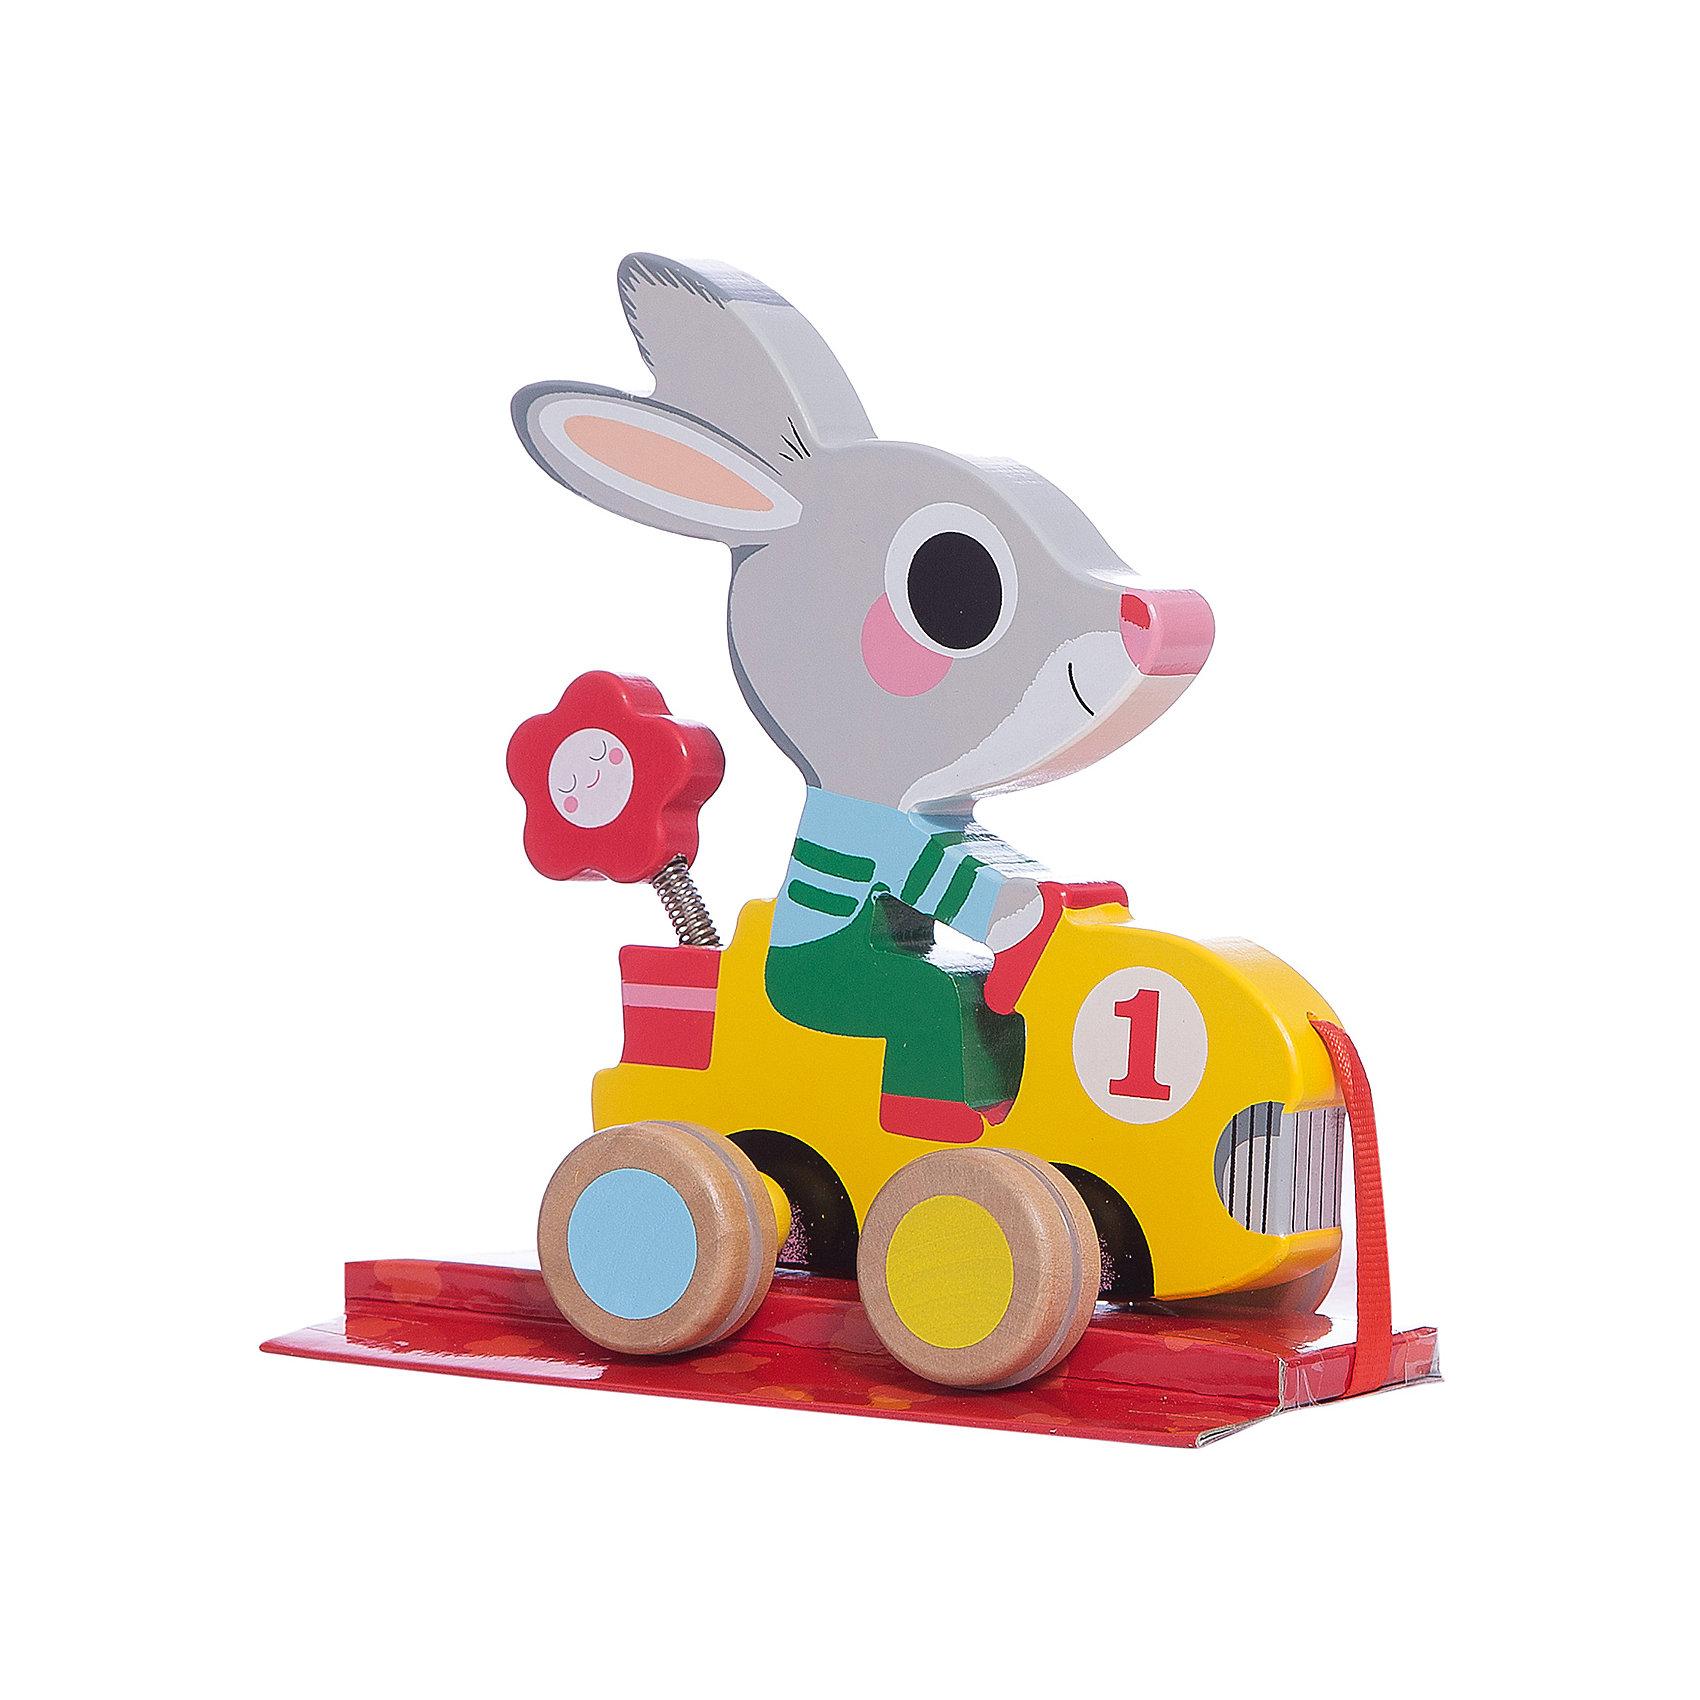 Каталка «Заяц» , DJECOИгрушечные машинки-каталки<br>Детская каталка в виде чудесного зайчика на машине – необходимая игрушка для ребенка, который делает свои первые шаги. Зайца можно просто покатать или повозить  за веревочку. Веселый зайчик станет незаменимым помощником  и другом на первых самостоятельных прогулках вашего малыша. Игрушка выполнена из натурального дерева, не имеет острых углов и мелких деталей, раскрашена экологически чистыми красками на водной основе. Безопасна для детей. <br><br>Дополнительная информация:<br><br>- Материал: дерево, текстиль, резина.<br>- Размер: 13х16х10 см.<br>- Колеса имеют резиновые накладки.<br><br>Каталку «Заяц» , DJECO (Джеко), можно купить в нашем магазине.<br><br>Ширина мм: 150<br>Глубина мм: 170<br>Высота мм: 80<br>Вес г: 450<br>Возраст от месяцев: 18<br>Возраст до месяцев: 36<br>Пол: Унисекс<br>Возраст: Детский<br>SKU: 4051890